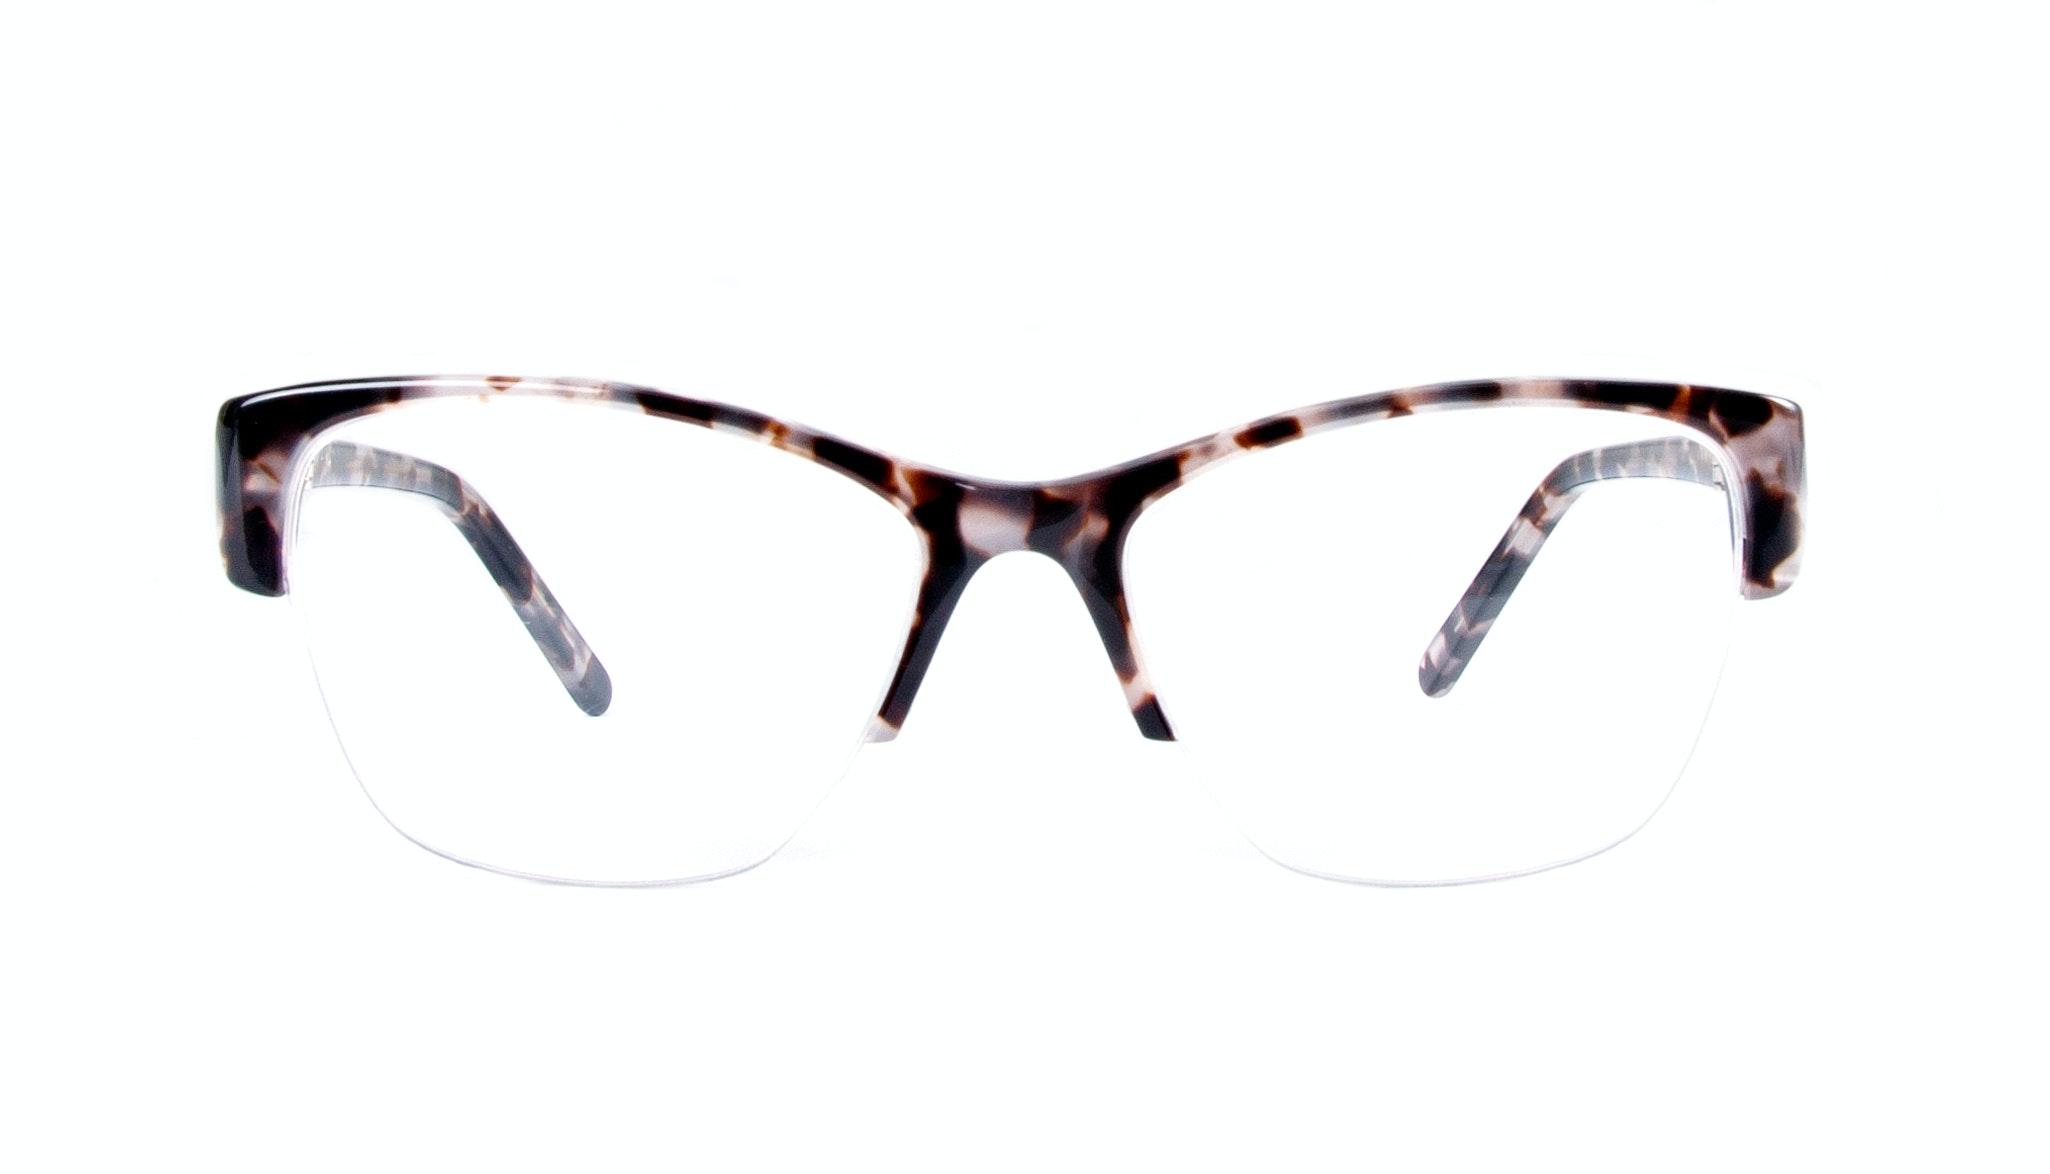 Lunettes tendance Oeil de chat Demi-Montures Optiques Femmes Myrtle Light Mocha Tortoise